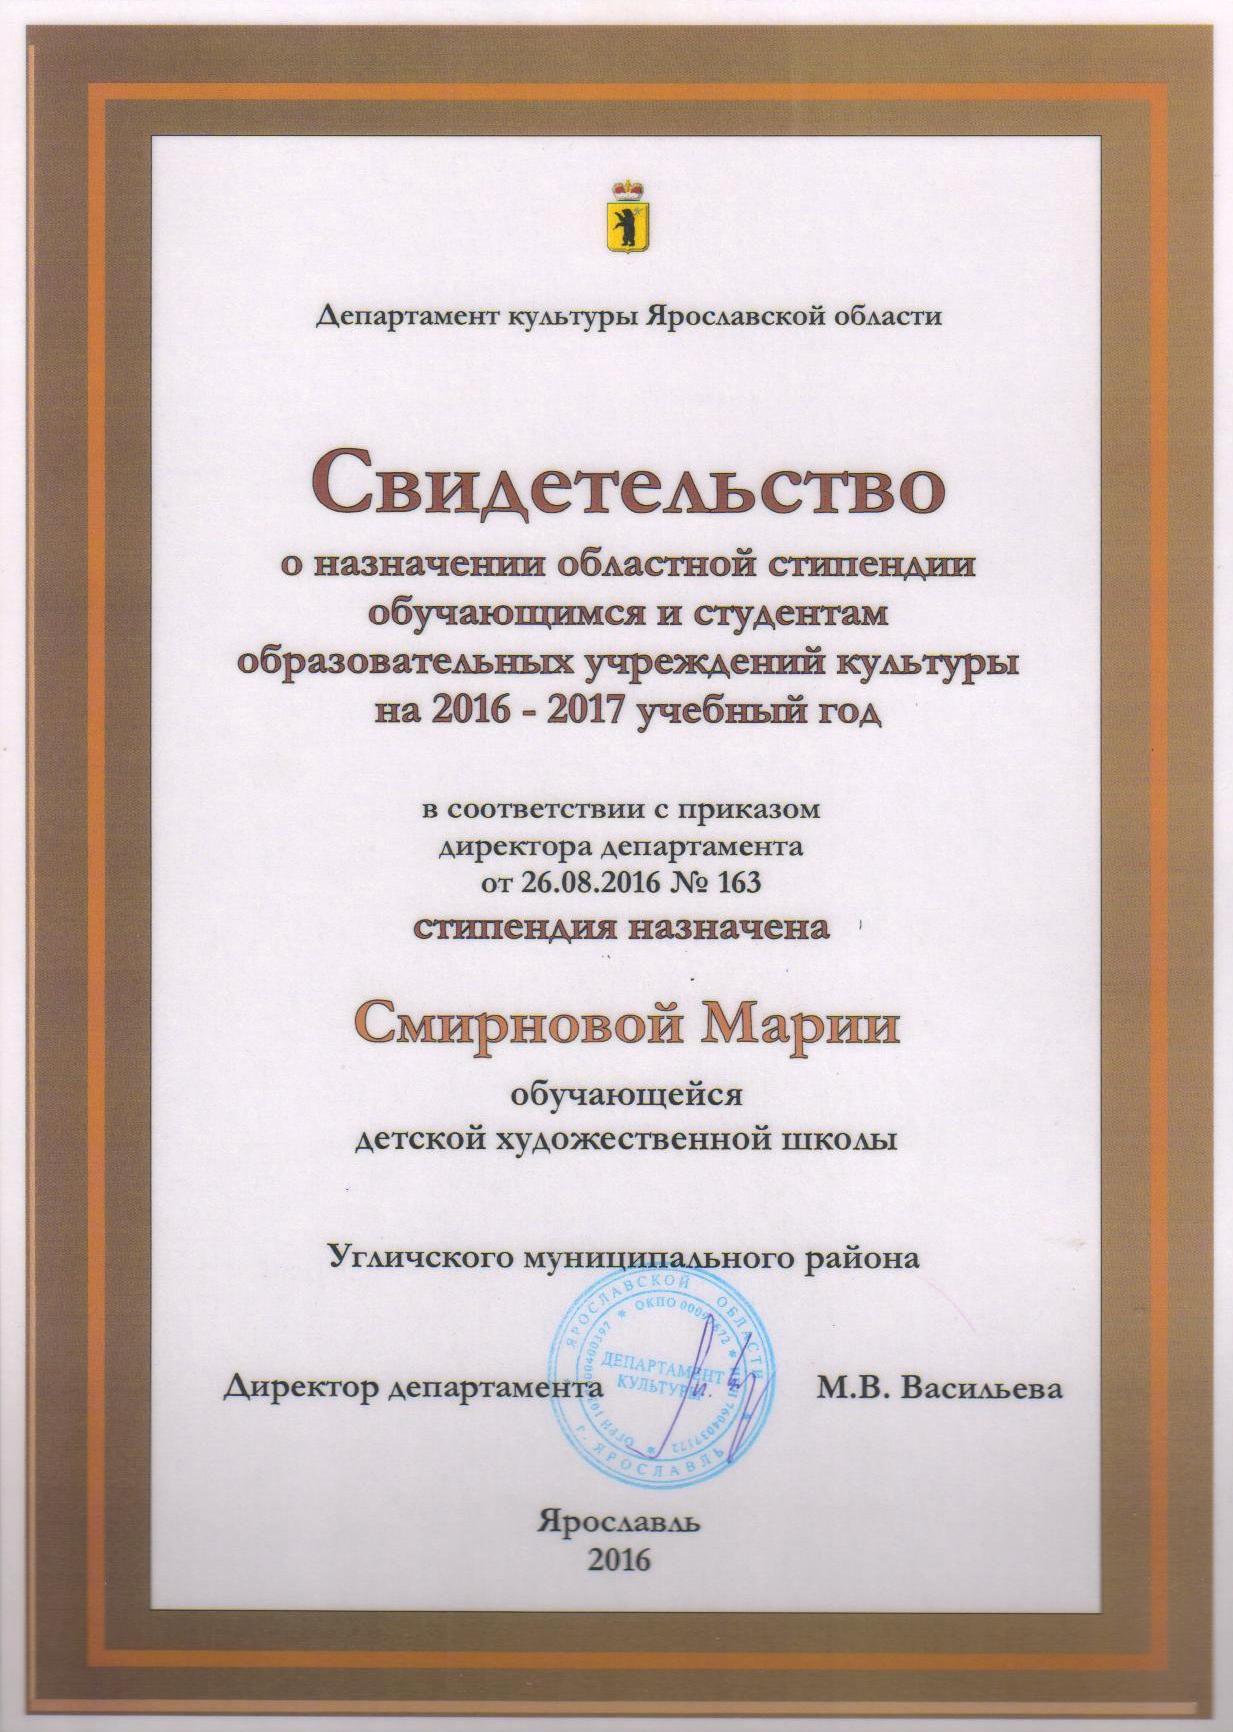 Diplom Smirnova 2016